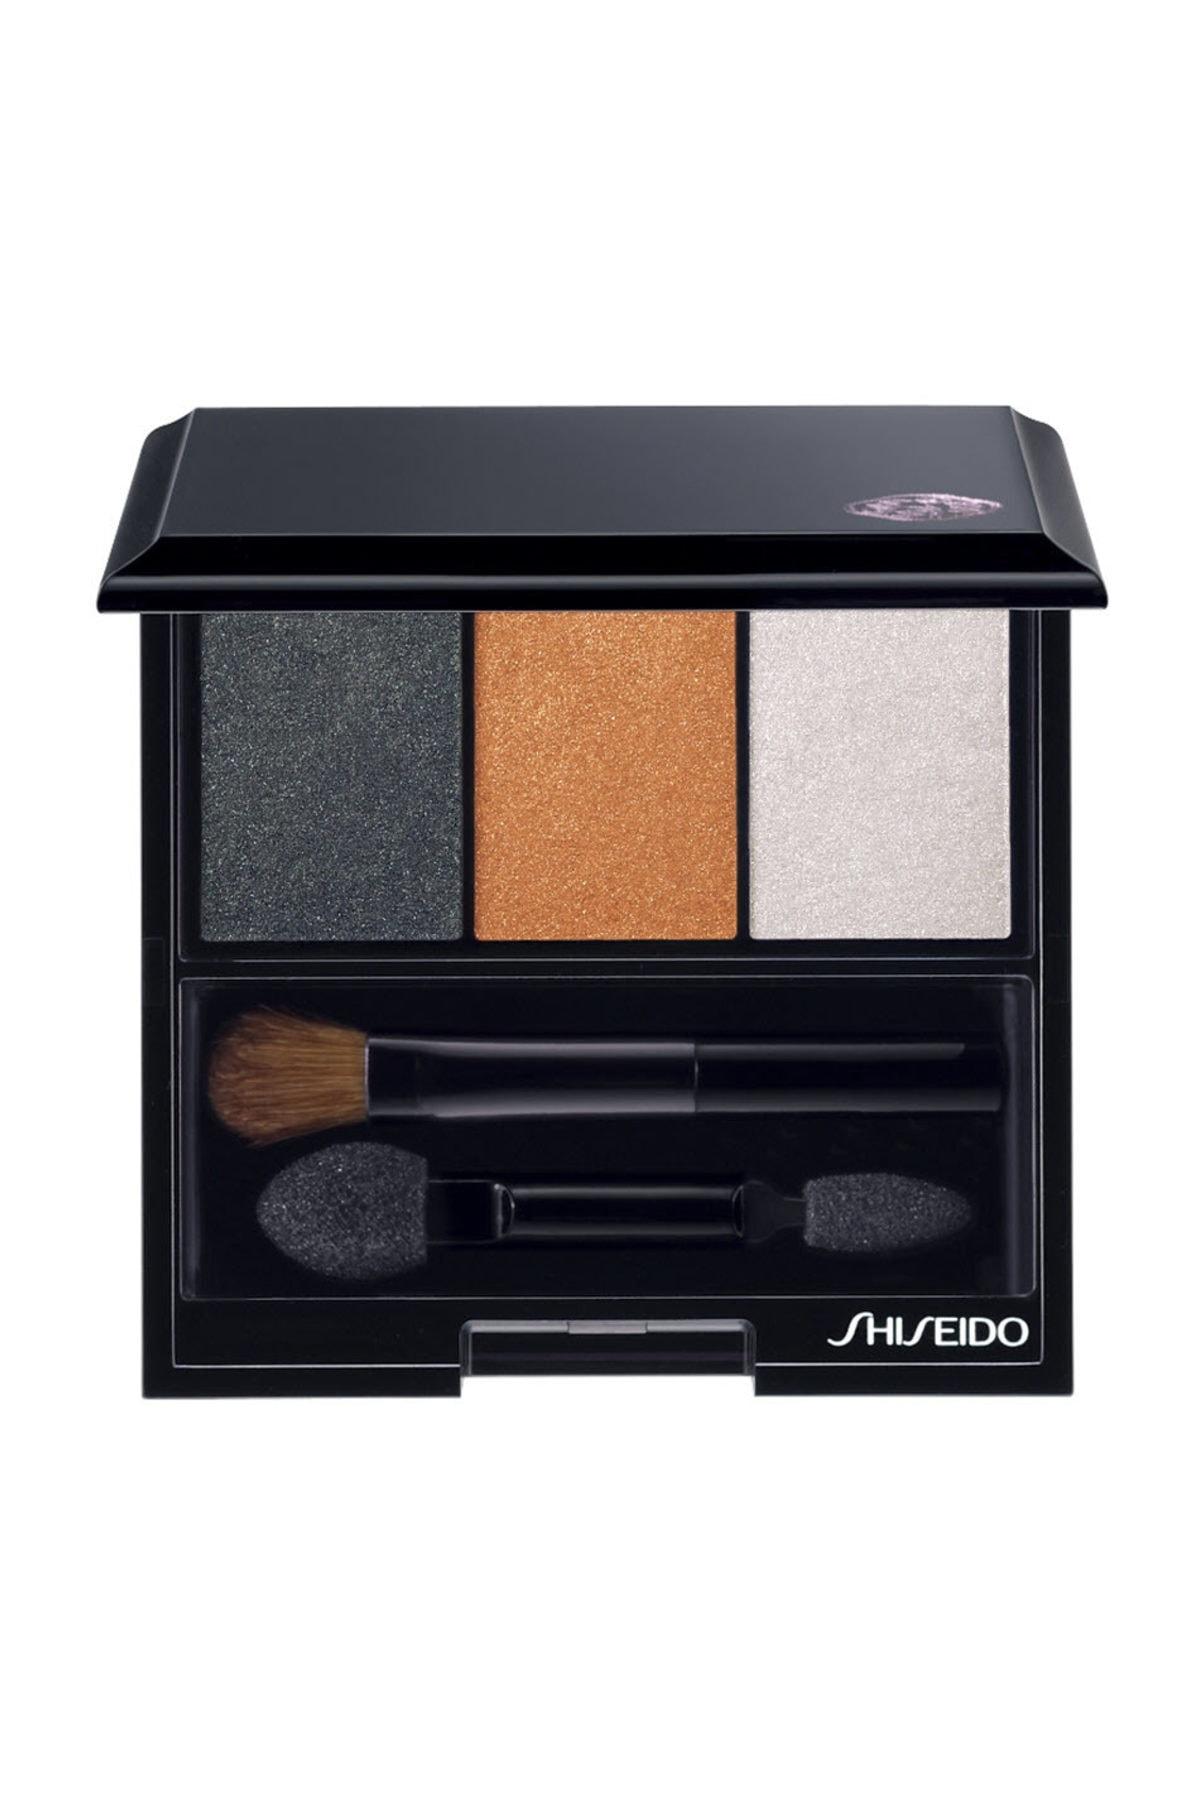 Shiseido Saten bitişli 3'lü Göz Farı - Luminizing Satin Eye Color Trio OR302 729238105225 1